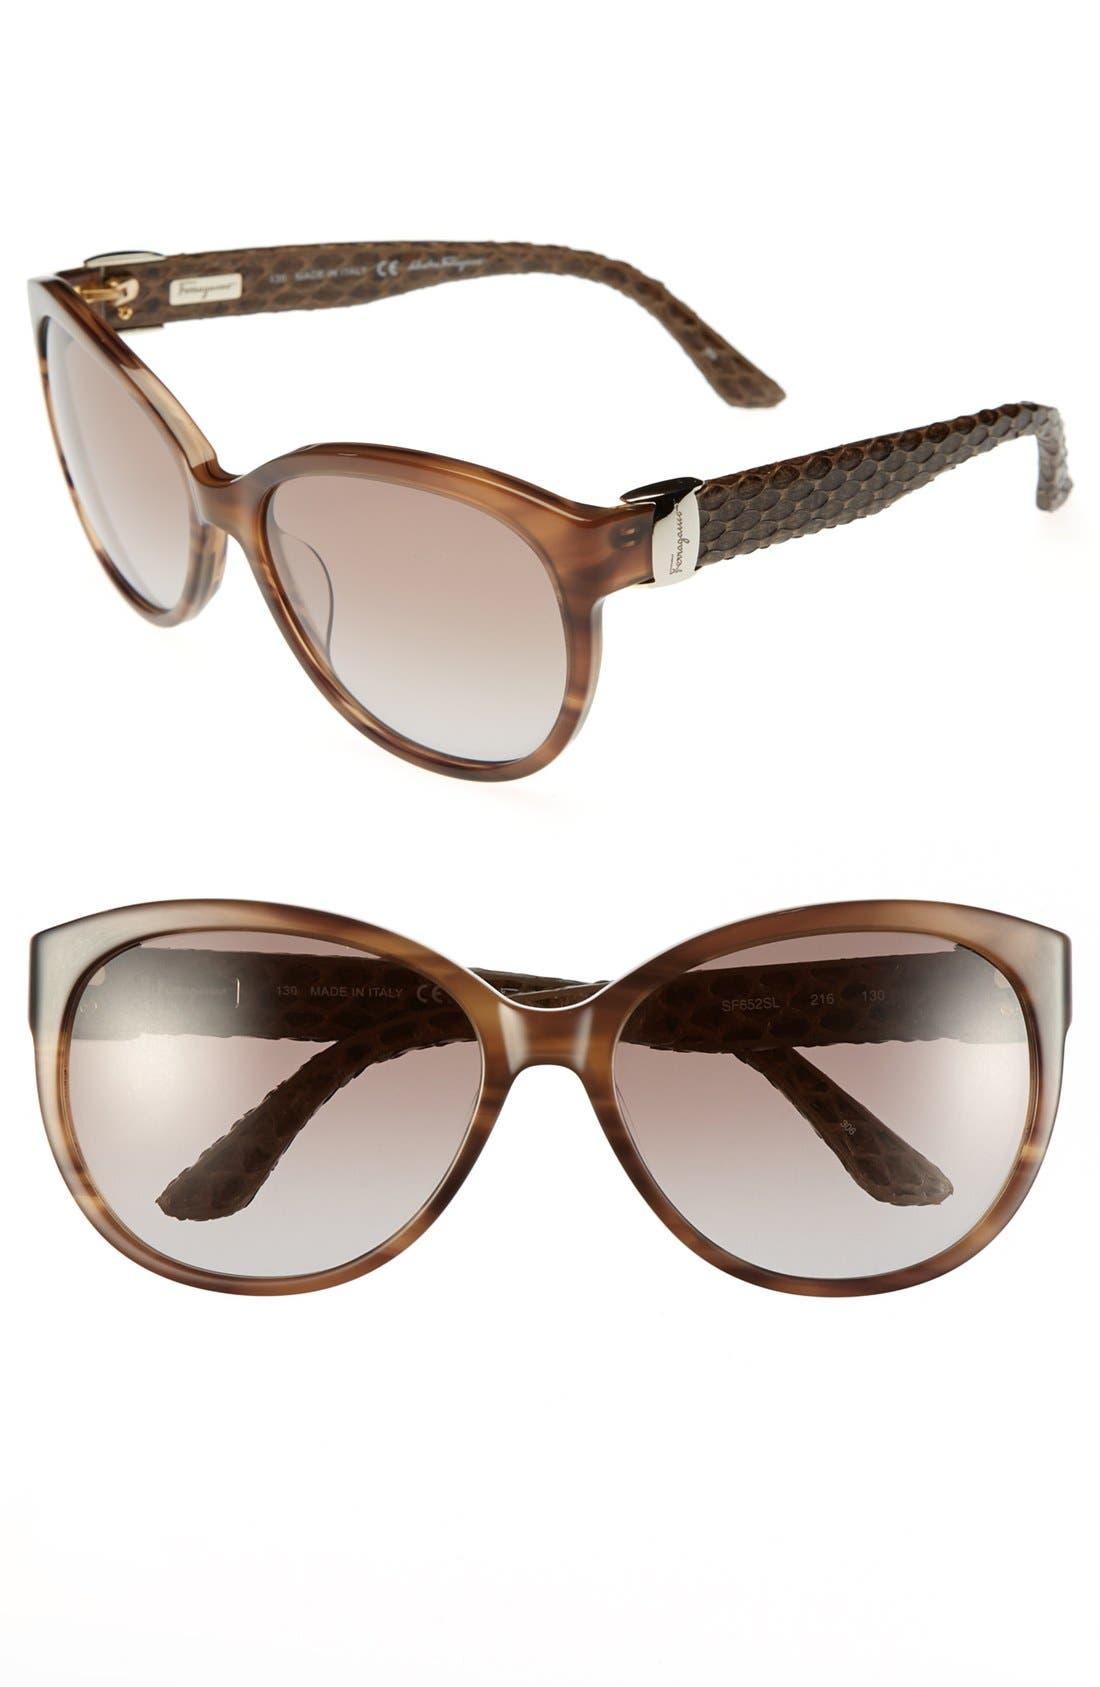 Main Image - Salvatore Ferragamo 'Vara' 59mm Sunglasses